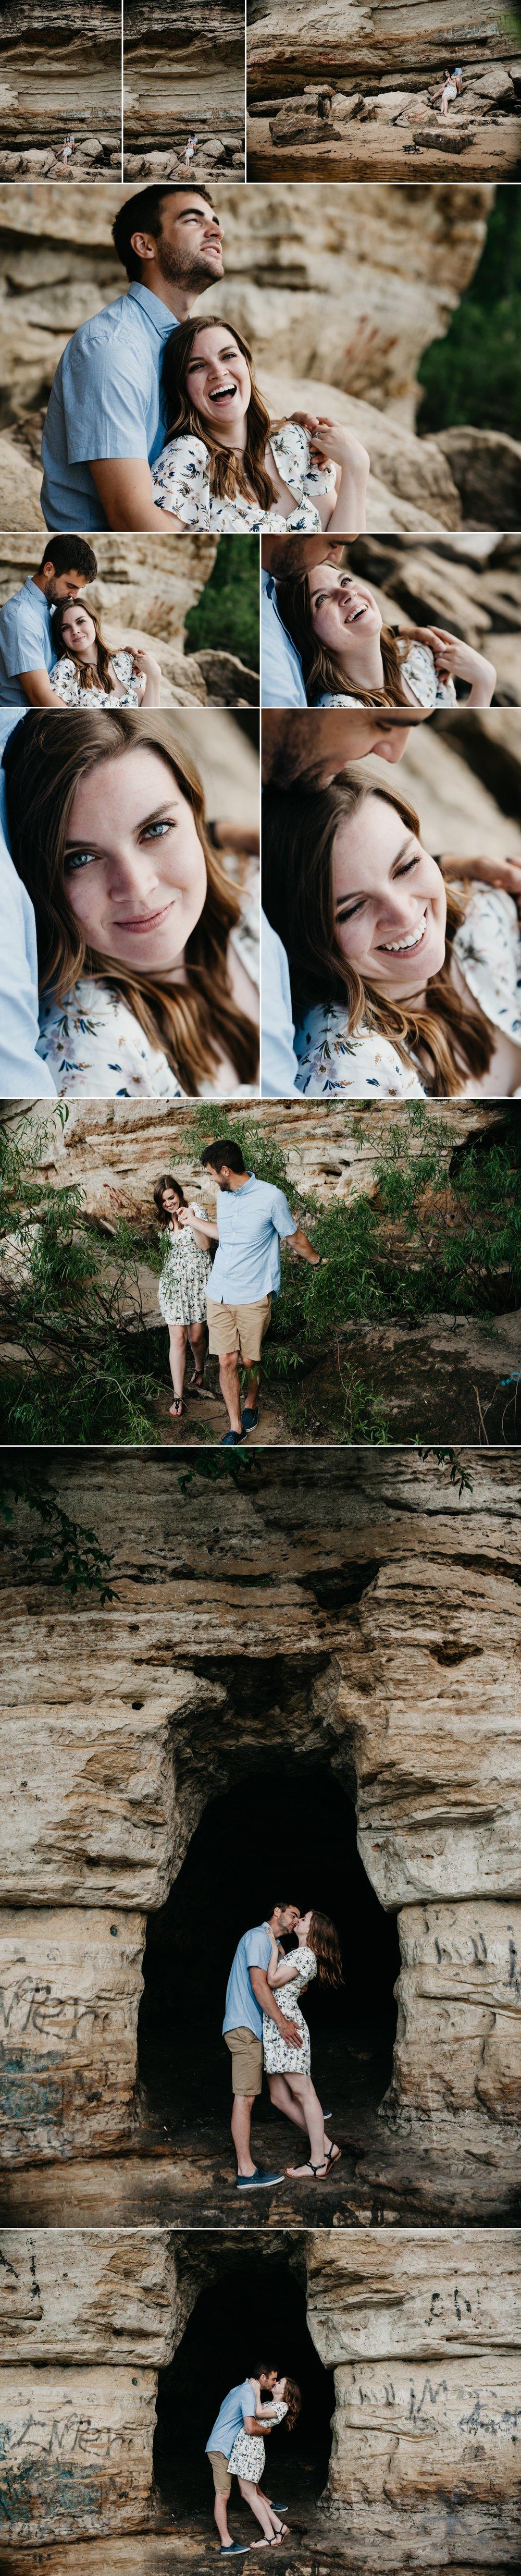 Stillwater Engagement Pictures 10.jpg